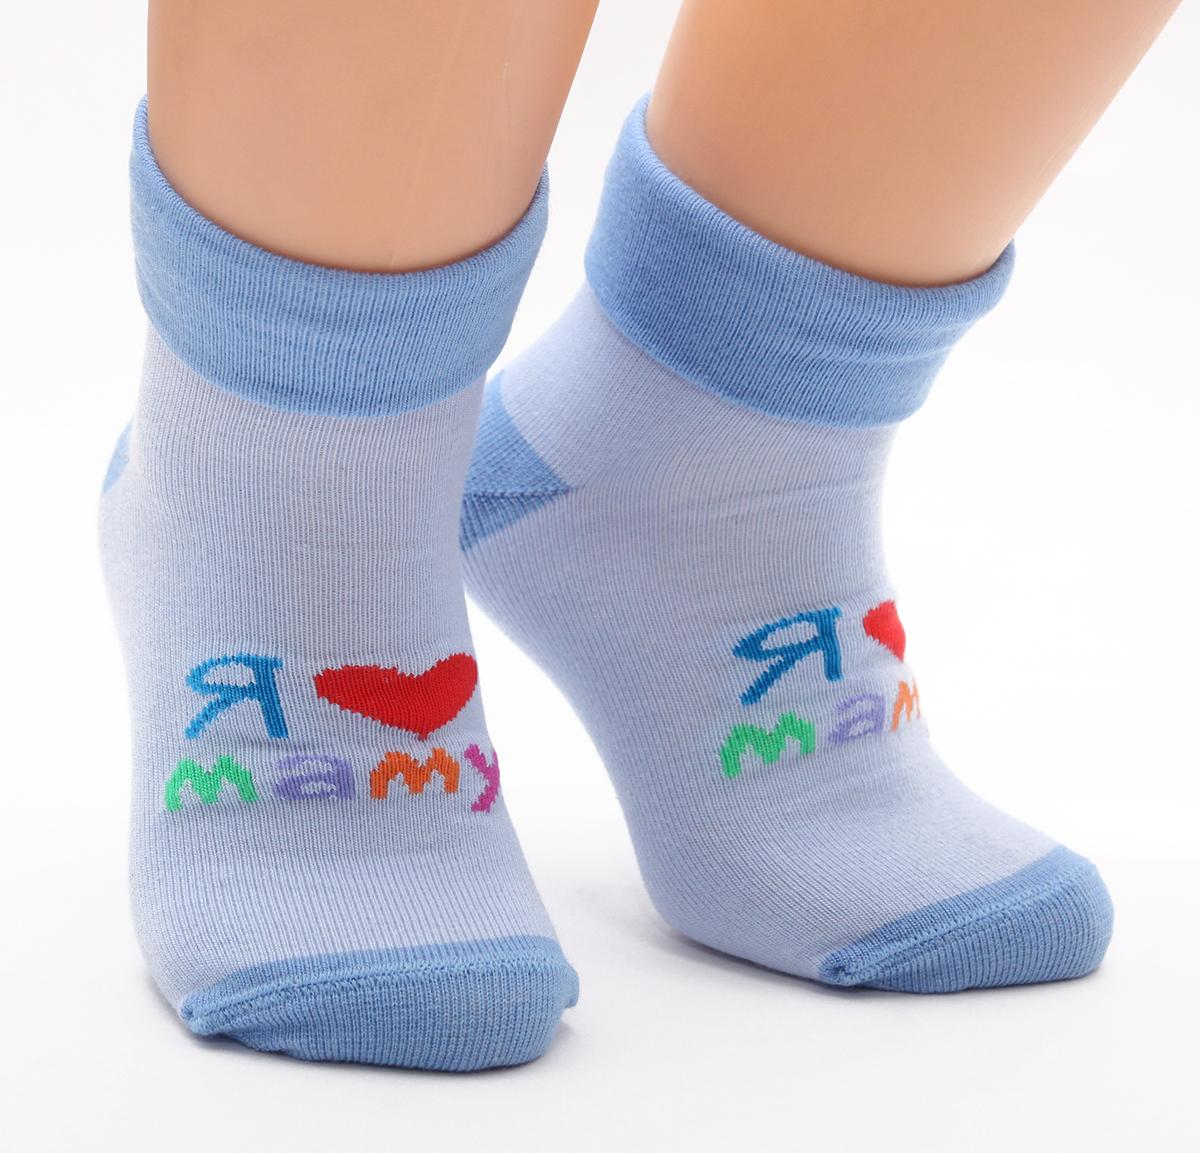 125Детские носочки изготовлены из высококачественного хлопка. Мягкая широкая резинка, не перетягивает ножку.